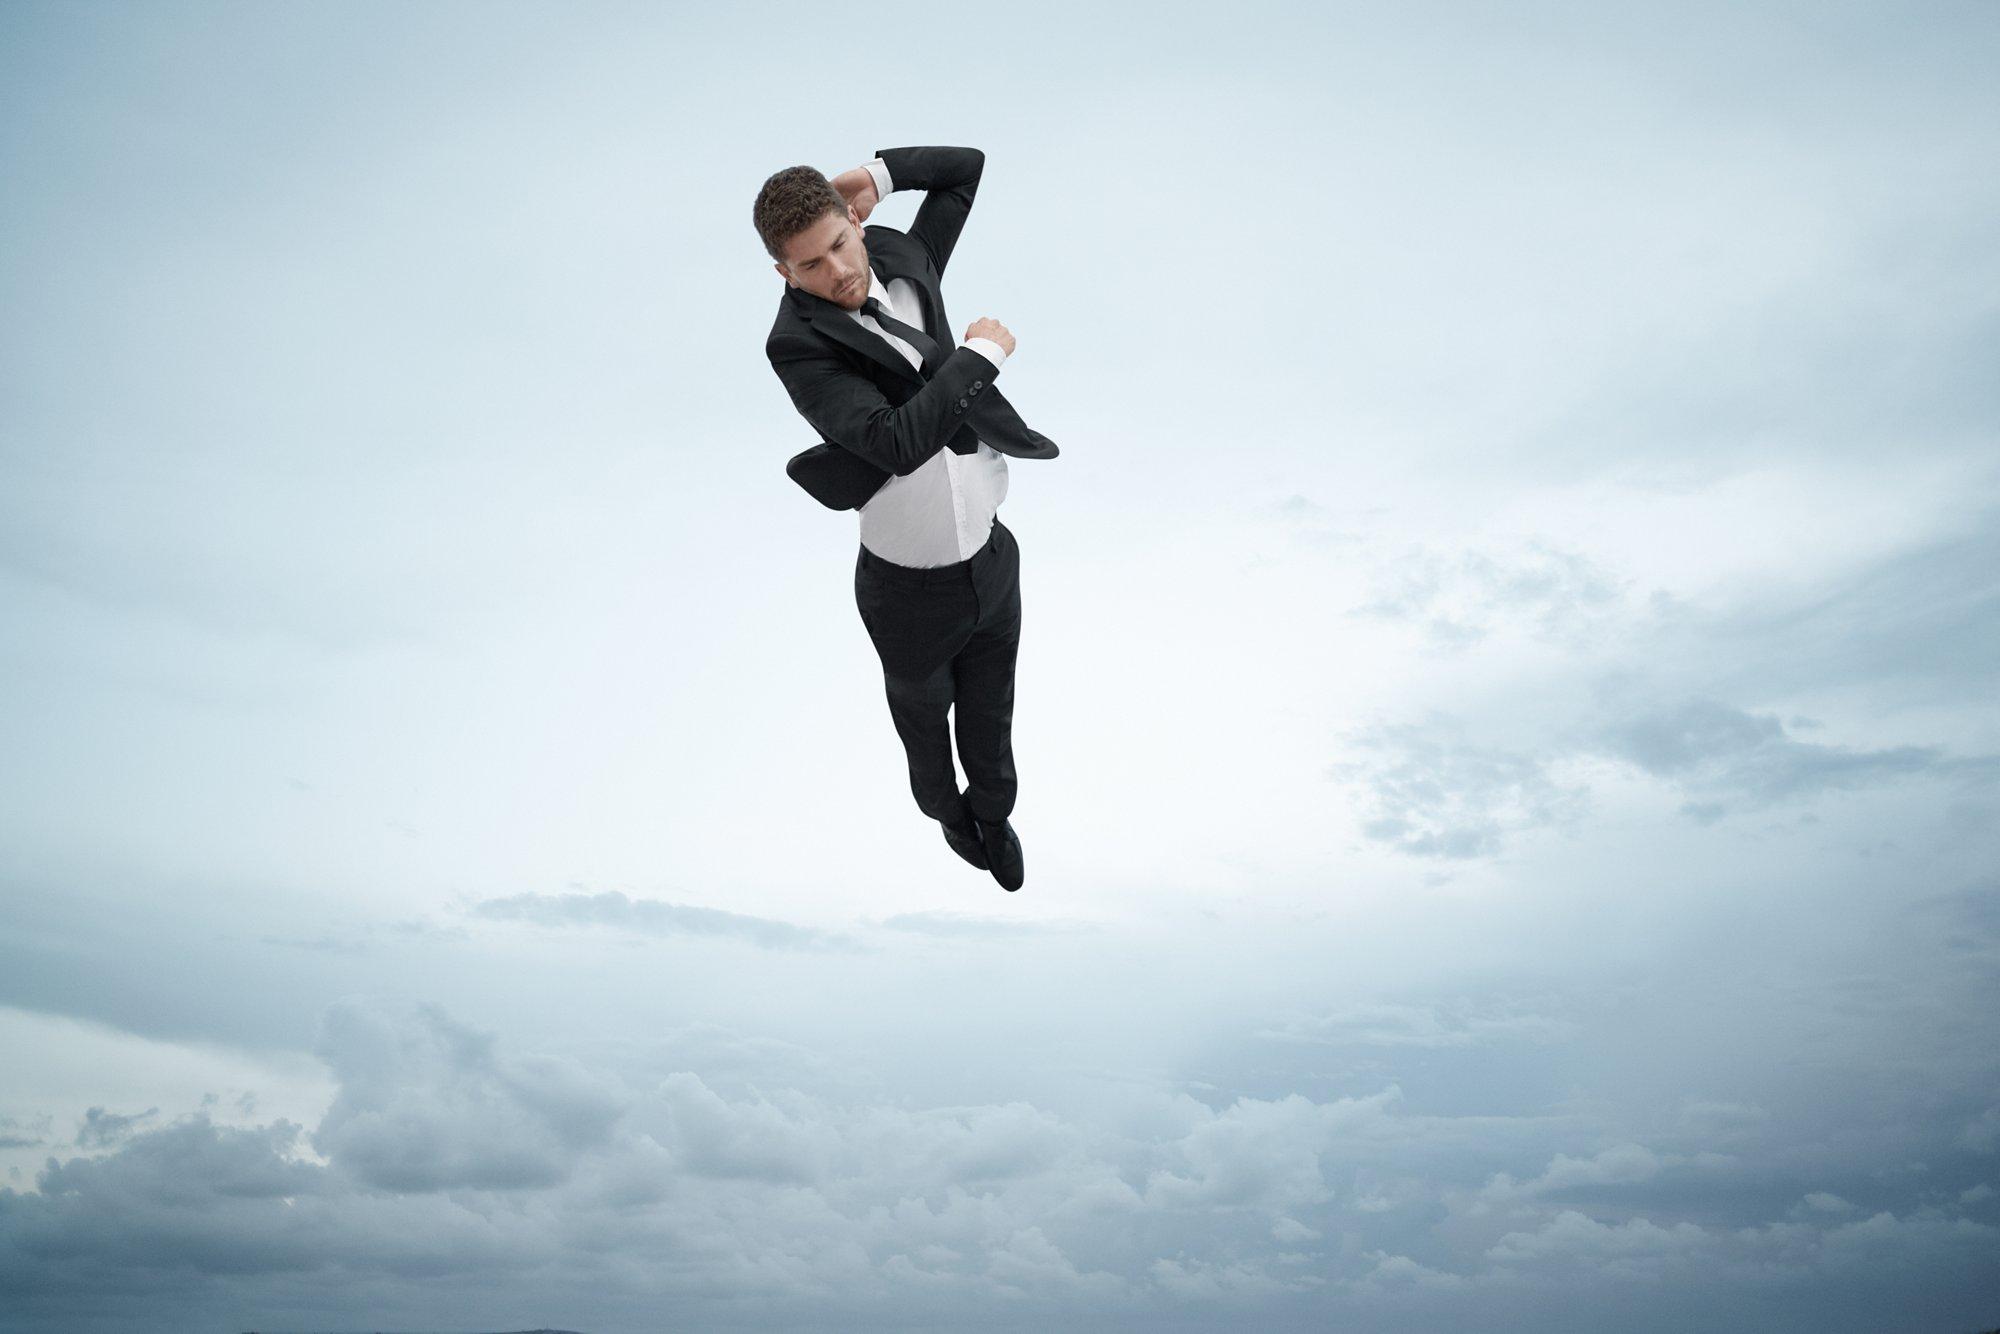 Il cliff diver David Colturi indossa un abito Superblack by HUGO